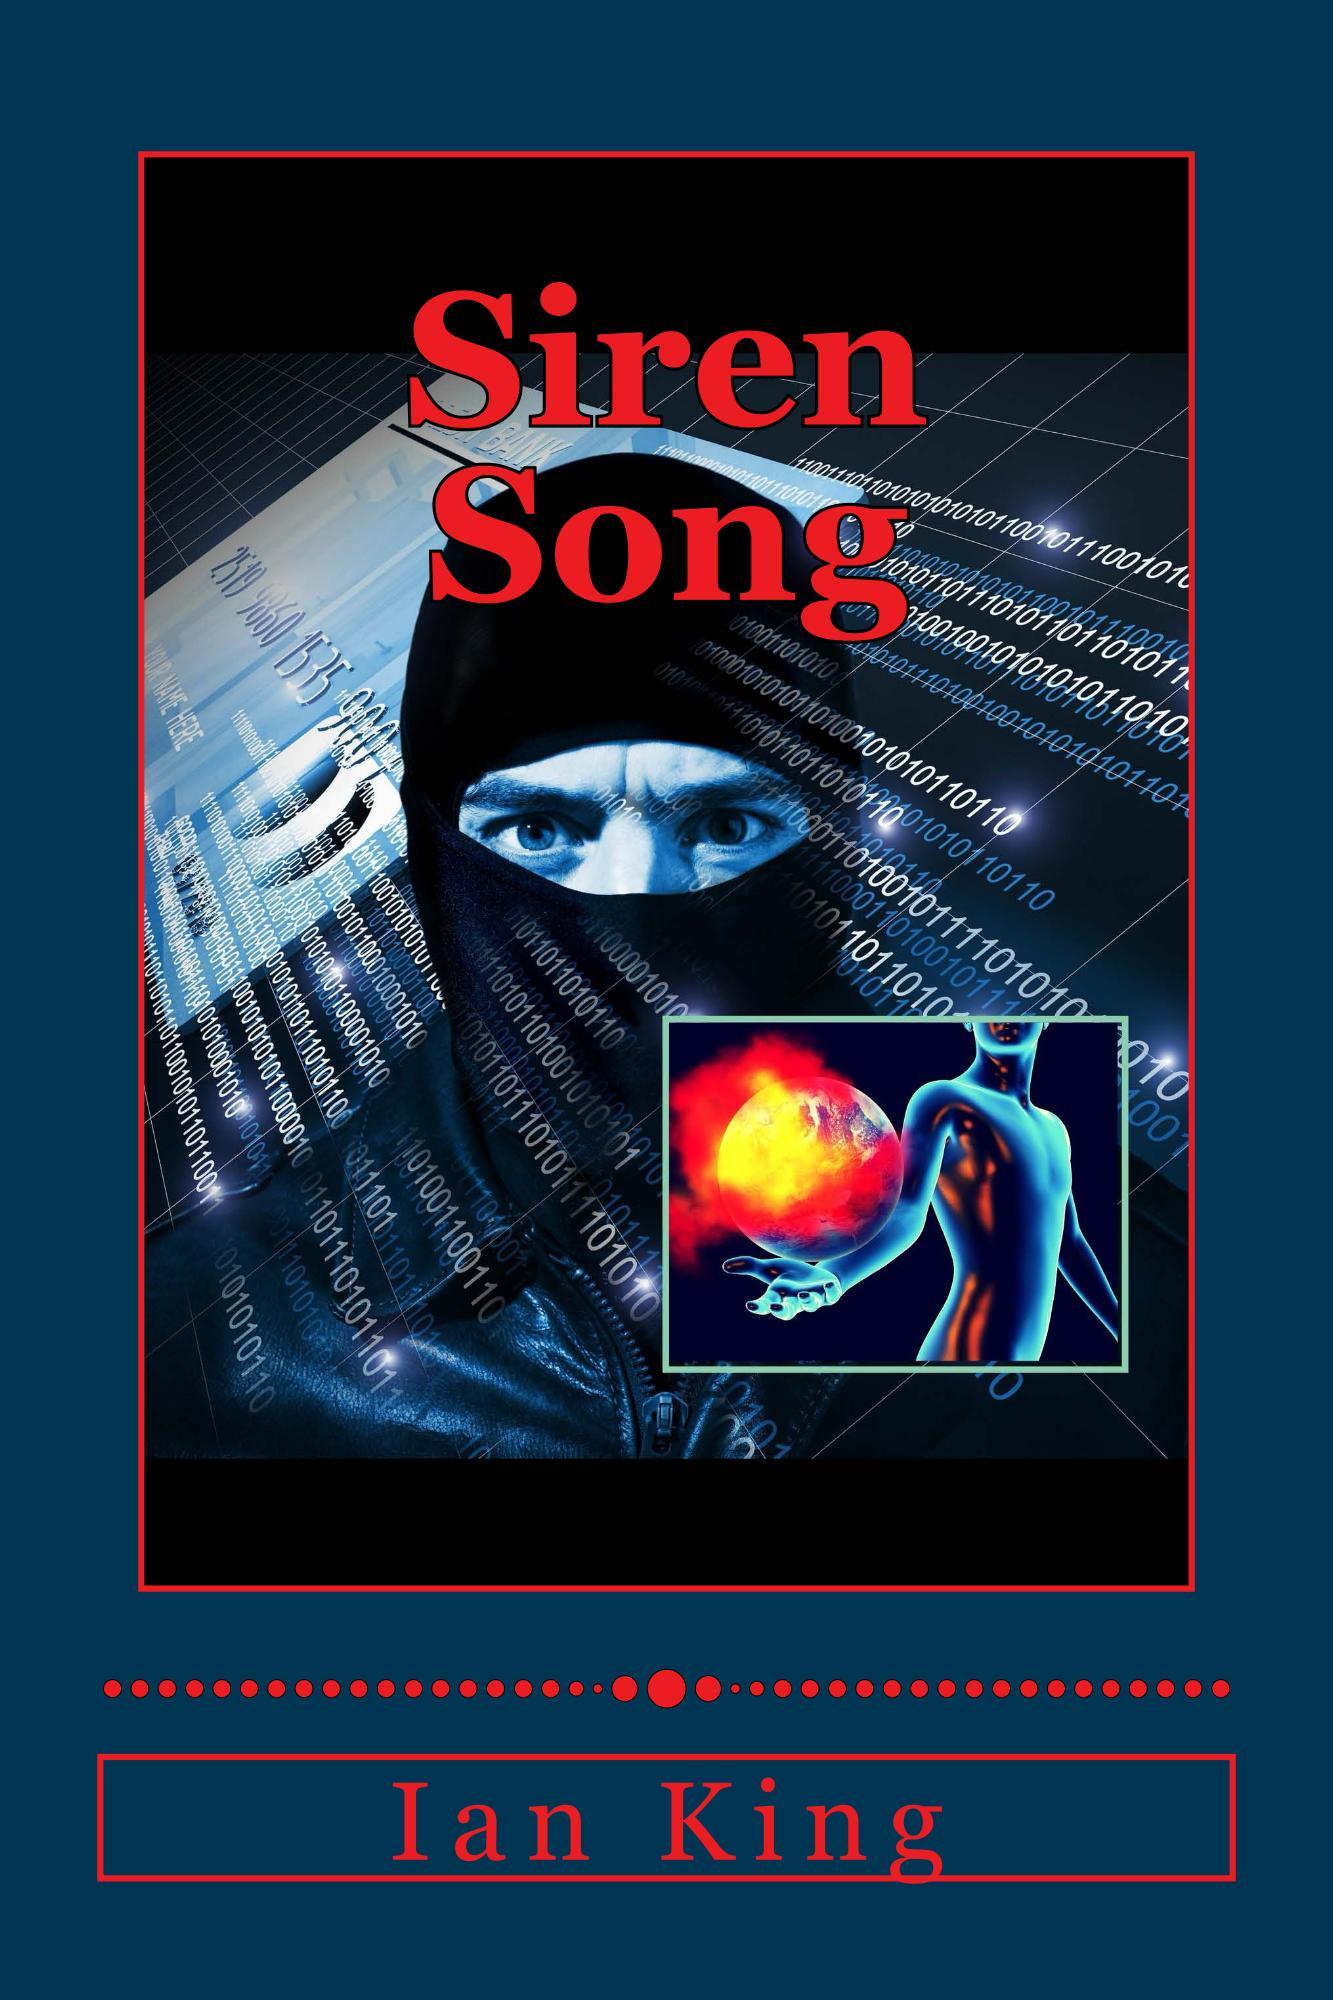 Siren Song: Har Megiddo 2.0